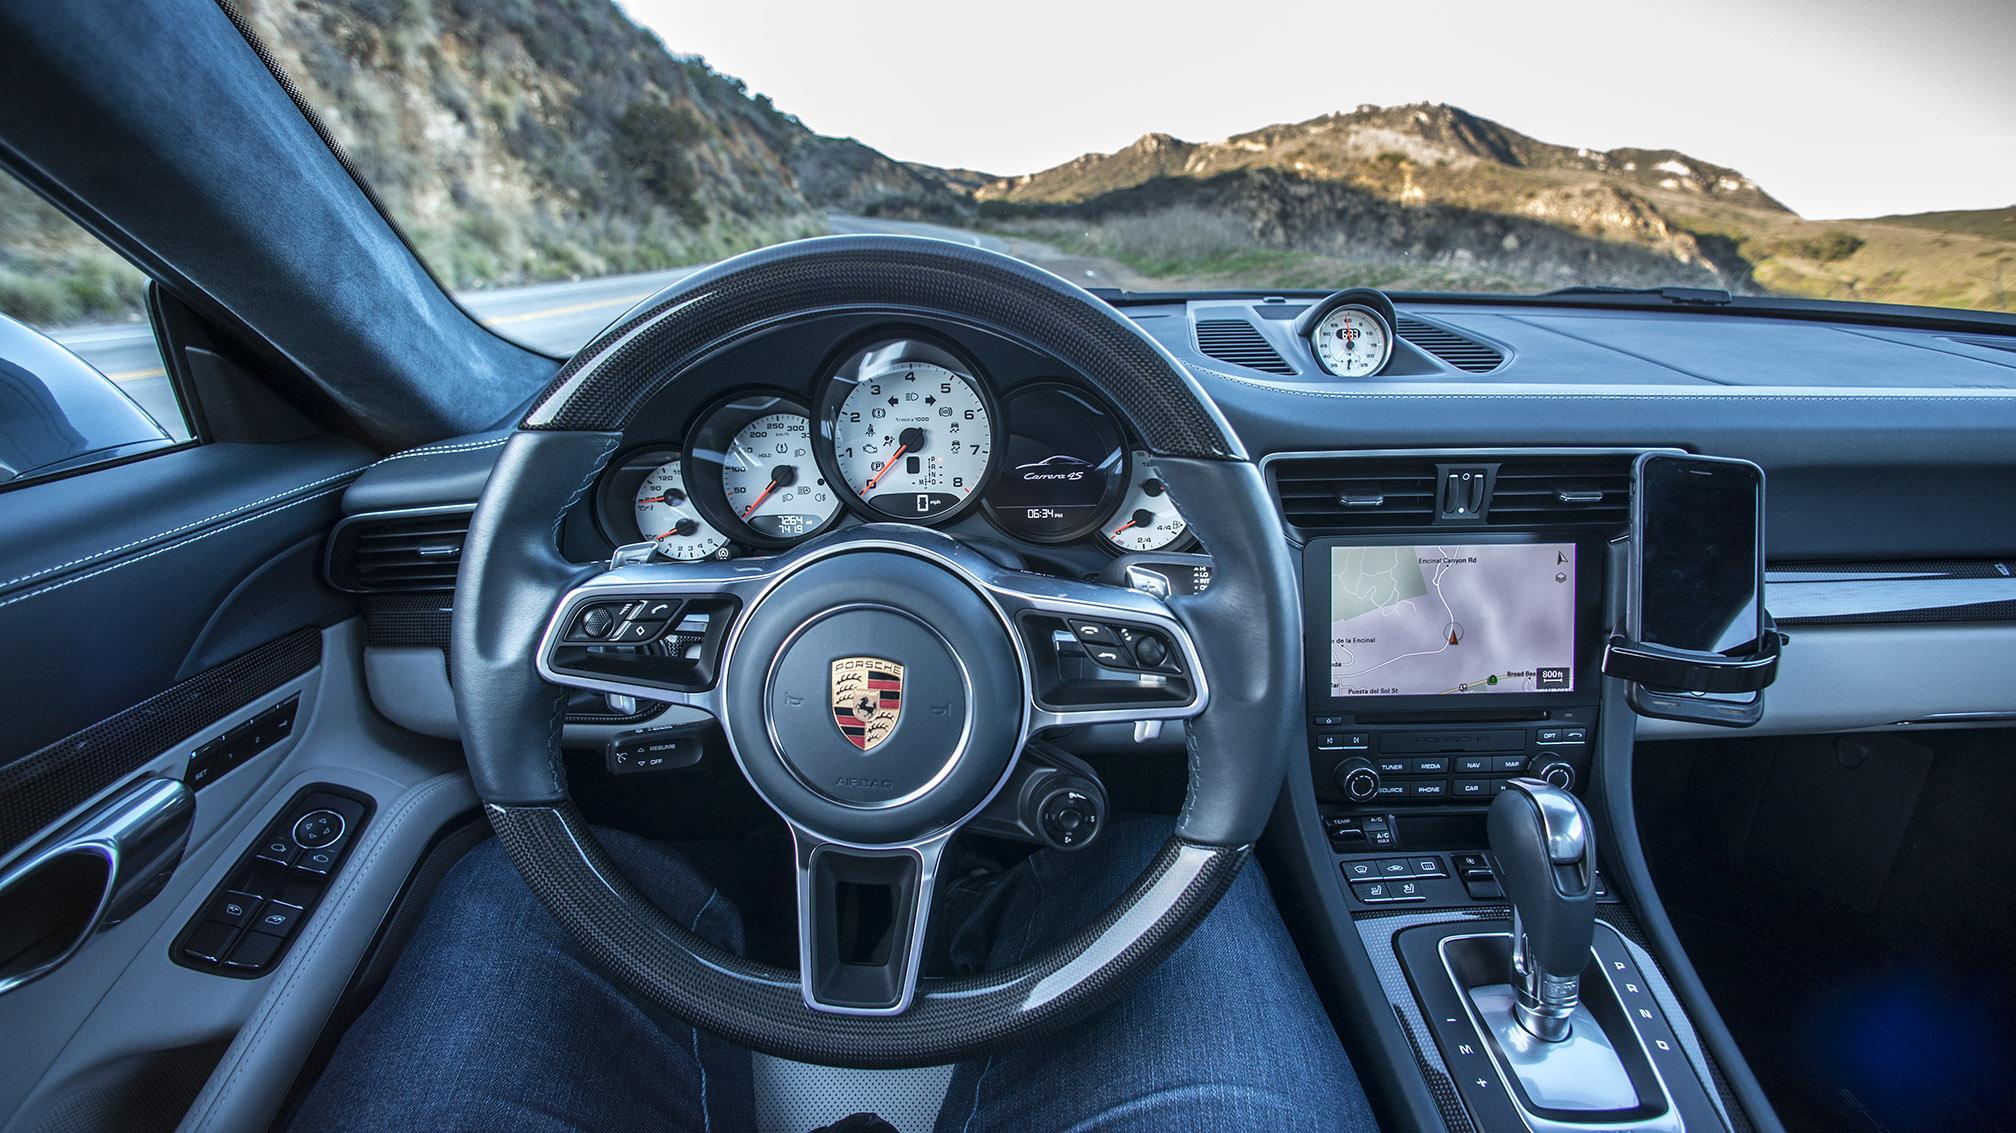 TrackWorthy - Toronto to LA - Porsche 911 C4S 991.2 - 017